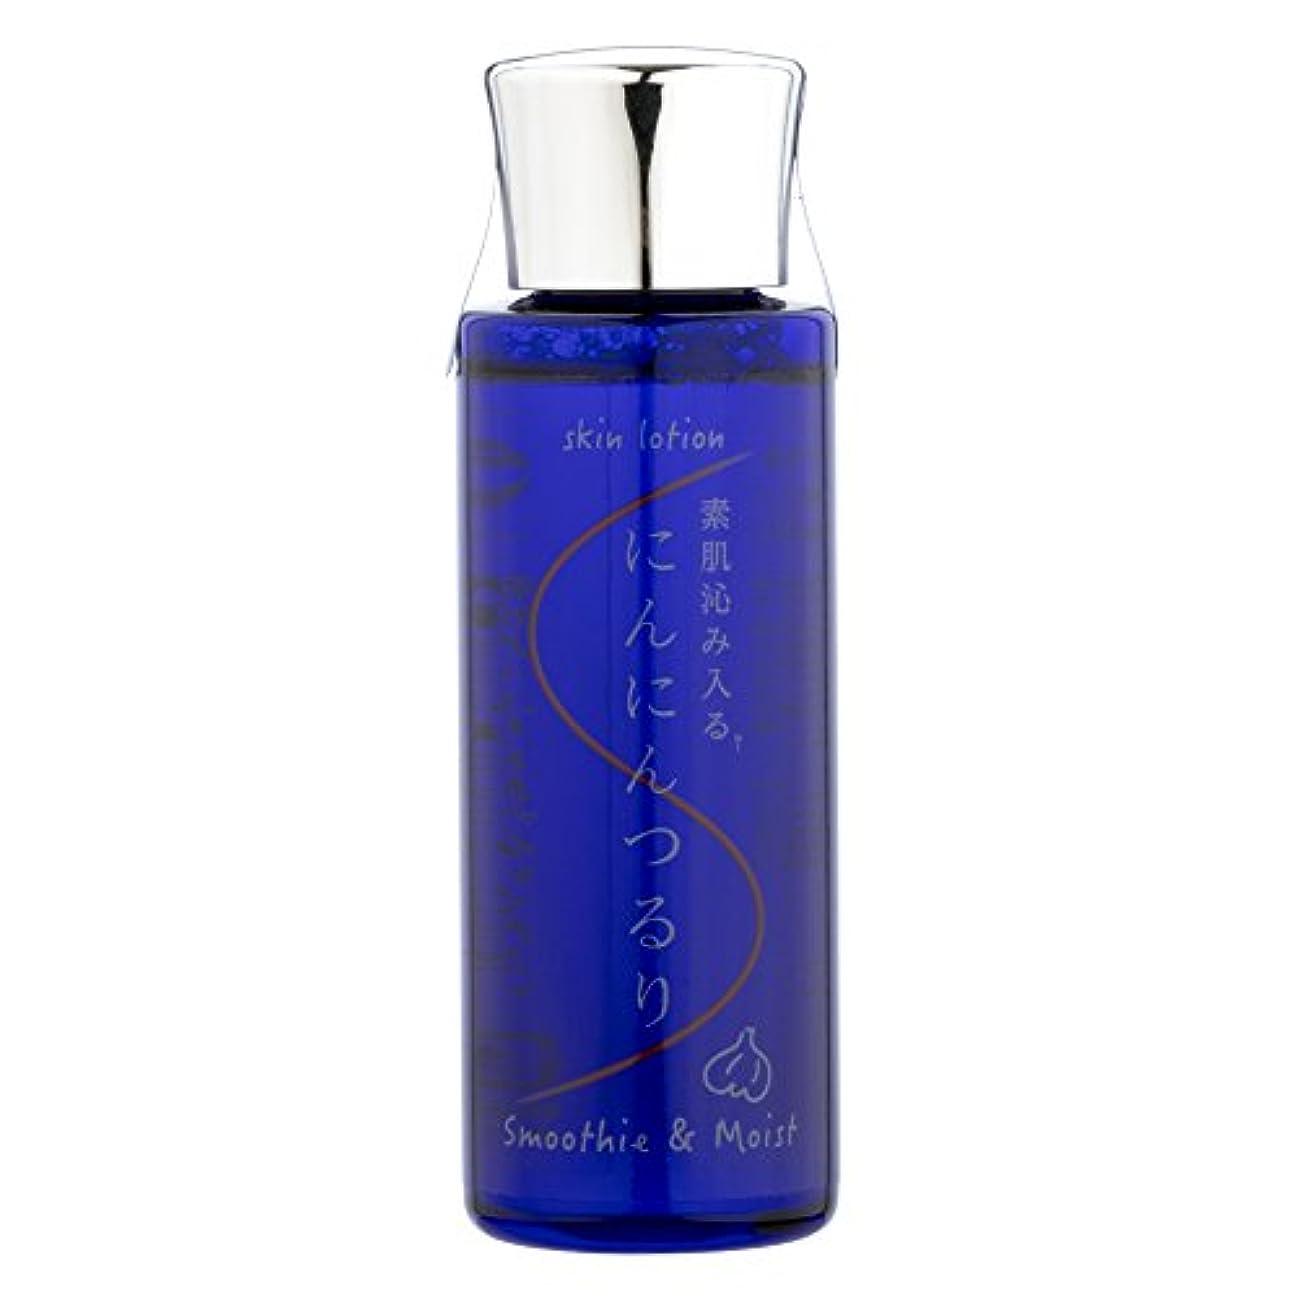 化学応答ラッシュにんにんつるり お肌の健康と潤いを保つ化粧水です。